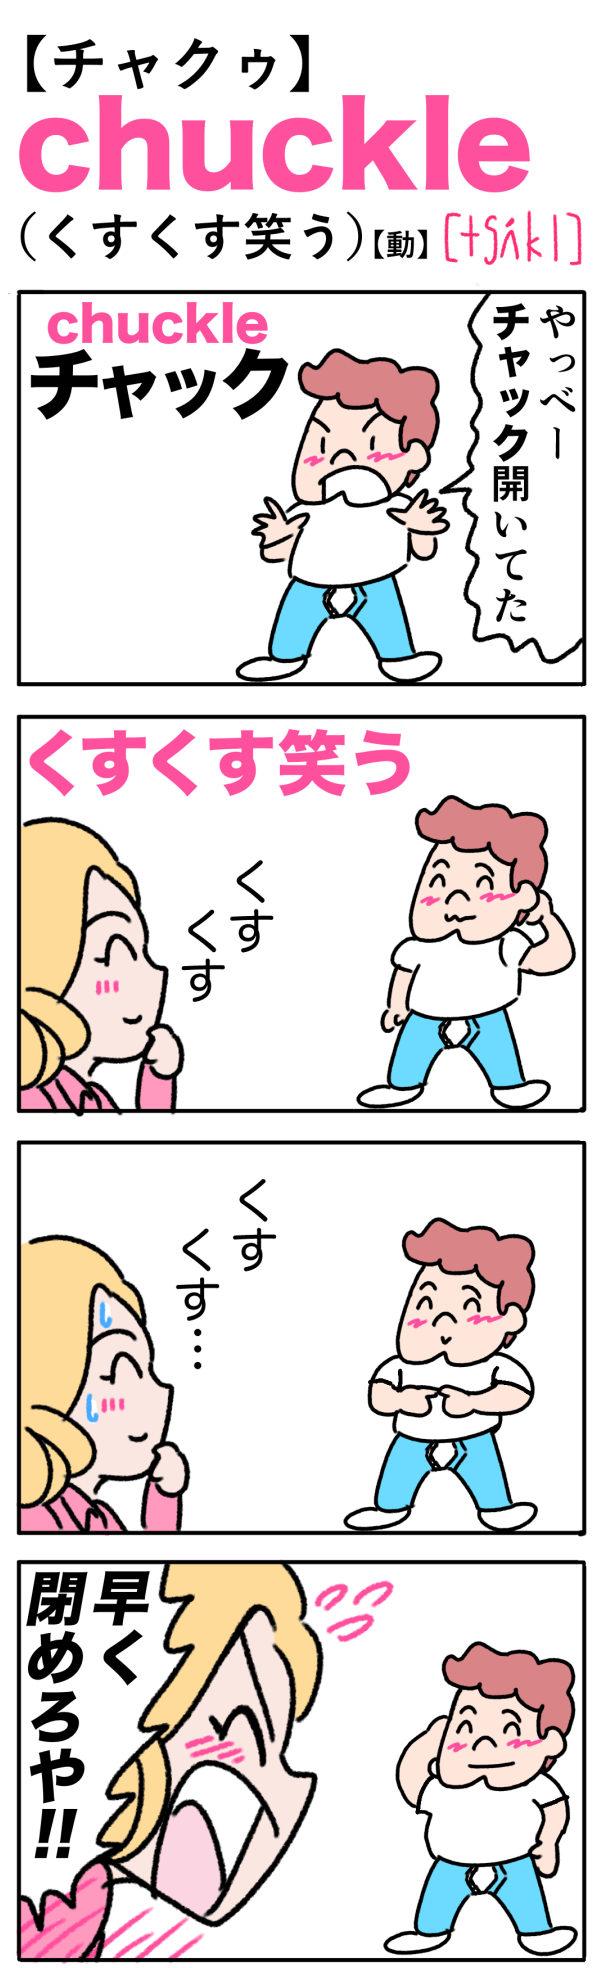 chuckle(くすくす笑う)の語呂合わせ英単語